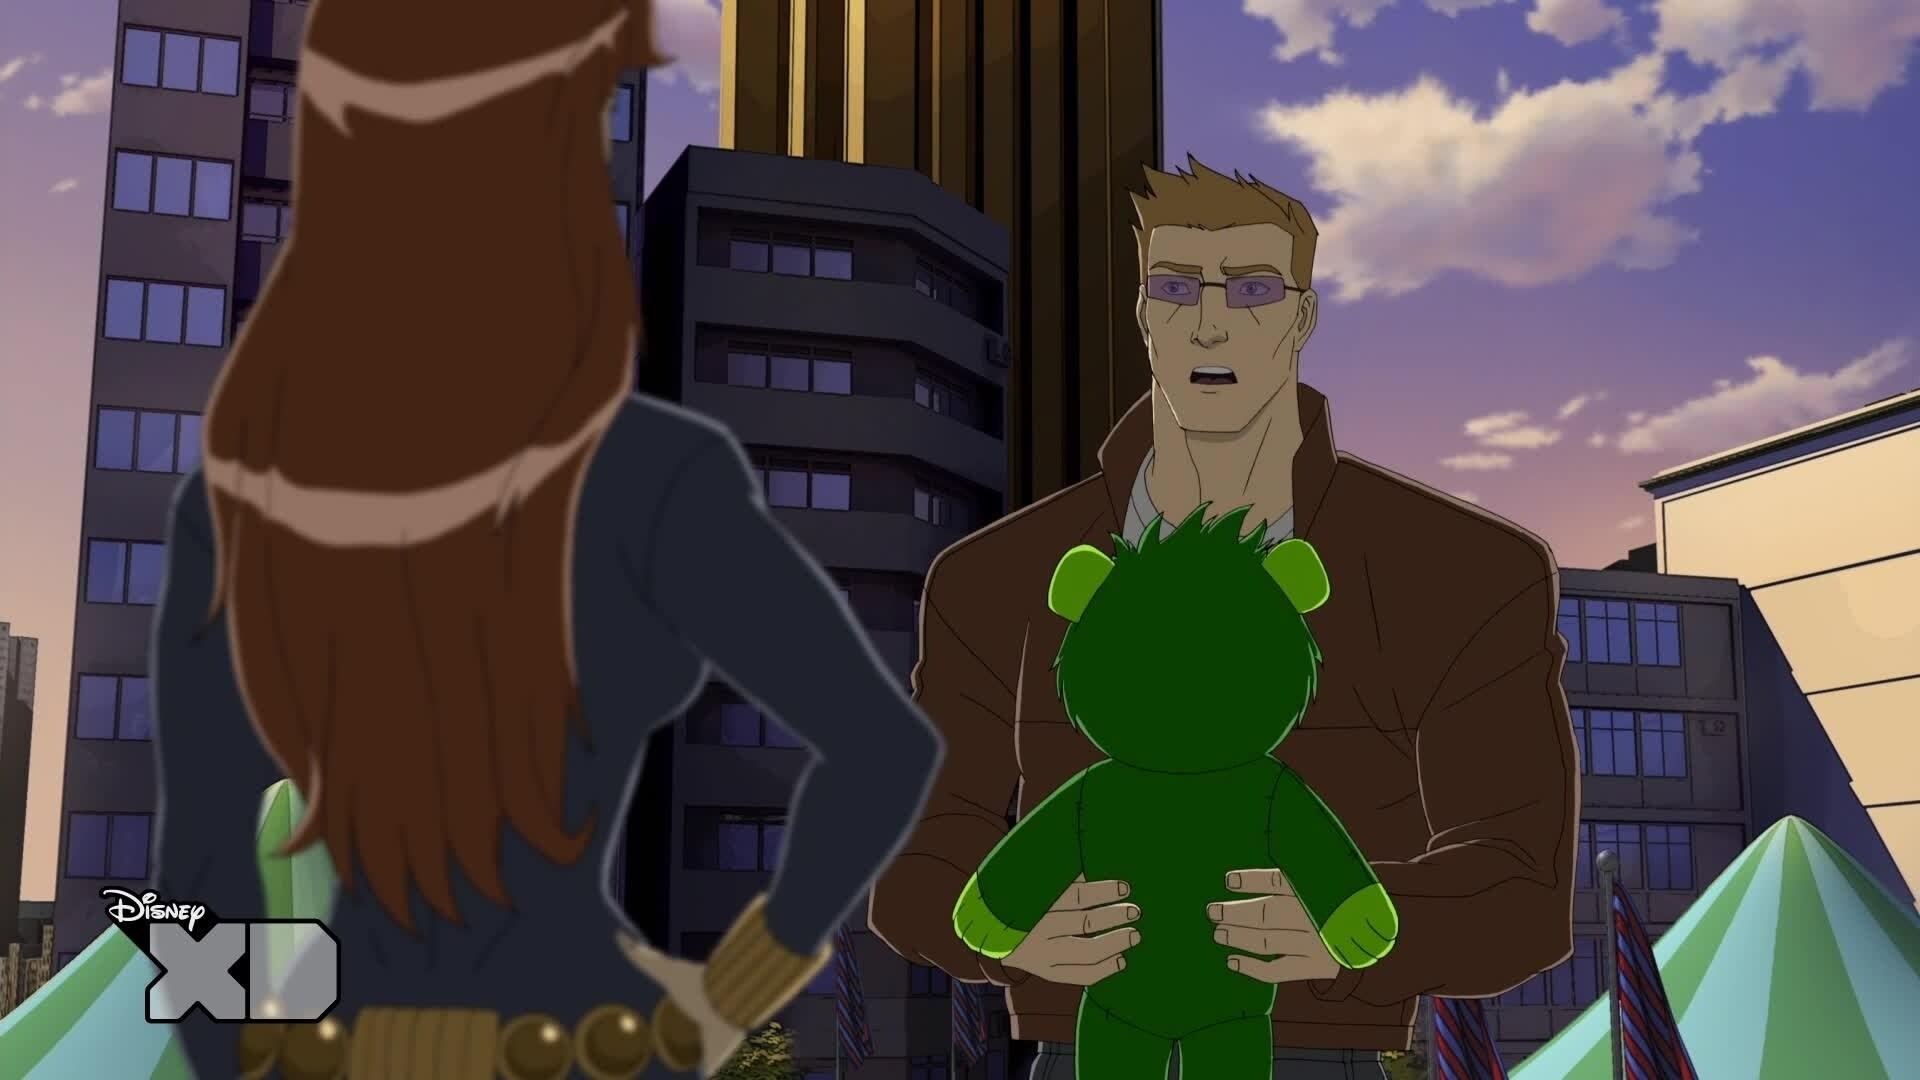 Marvel Avengers Rassemblement - Saison 1 Épisode 8 - Premières minutes